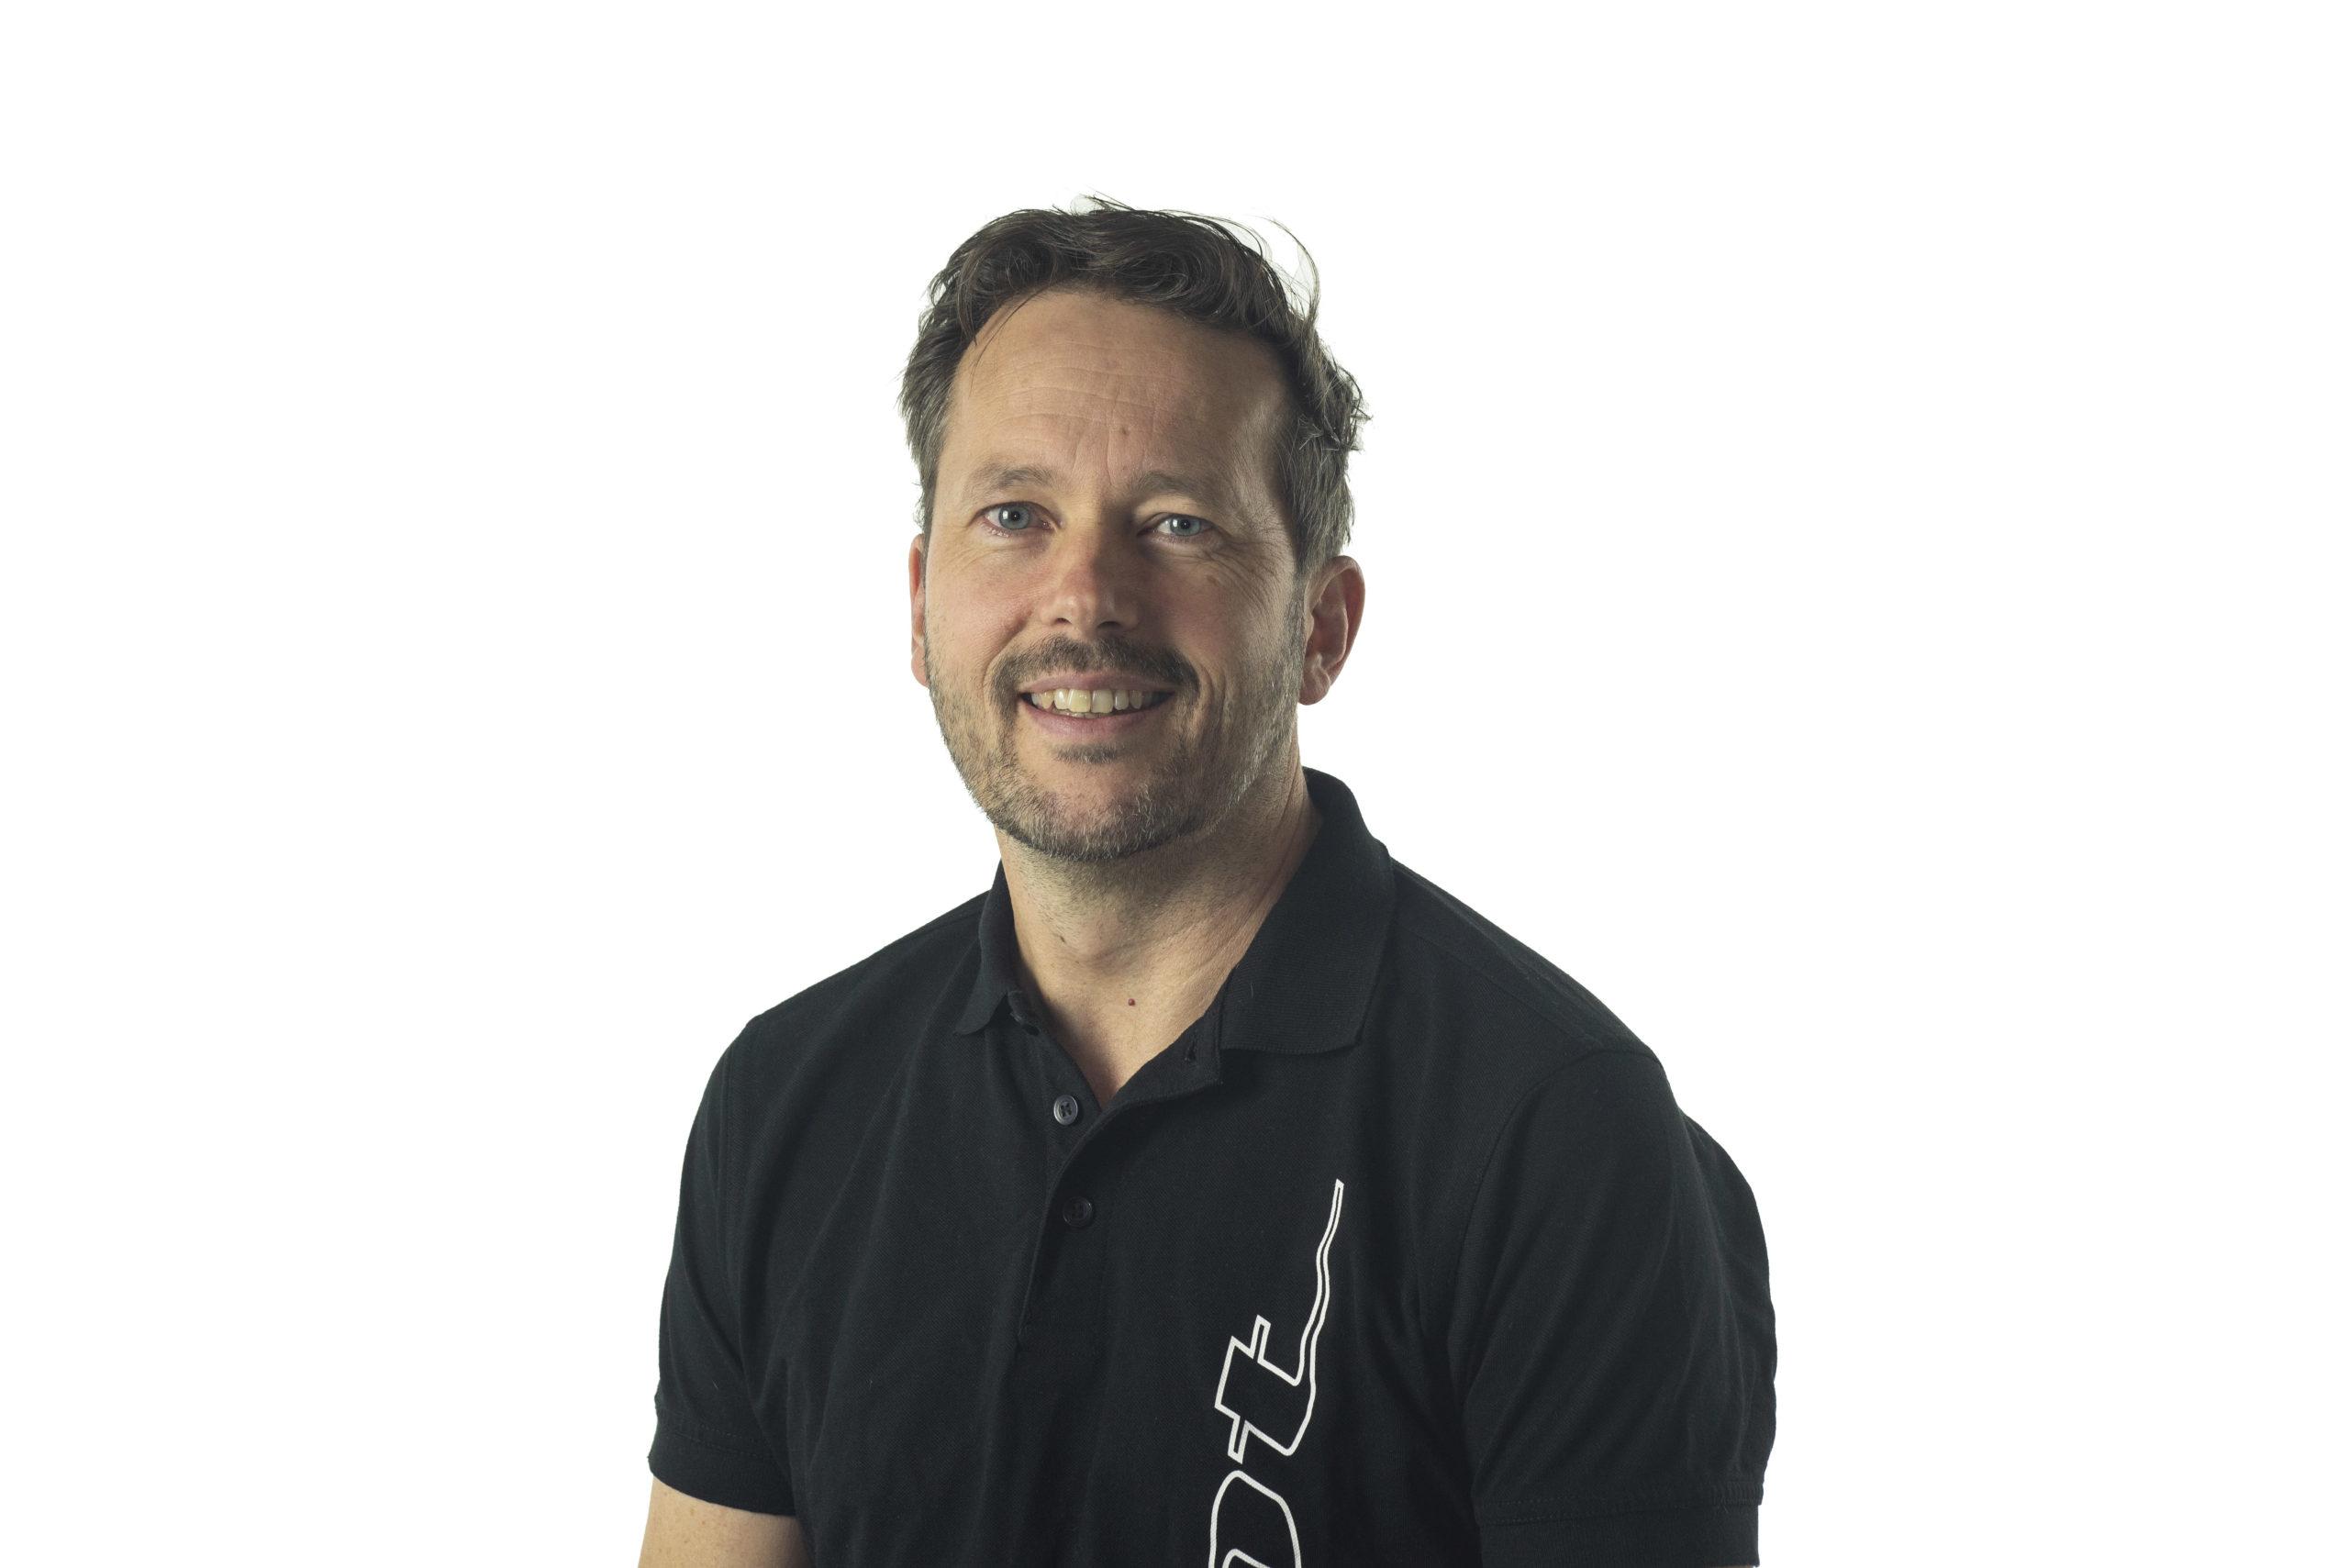 Pieter van der Marel